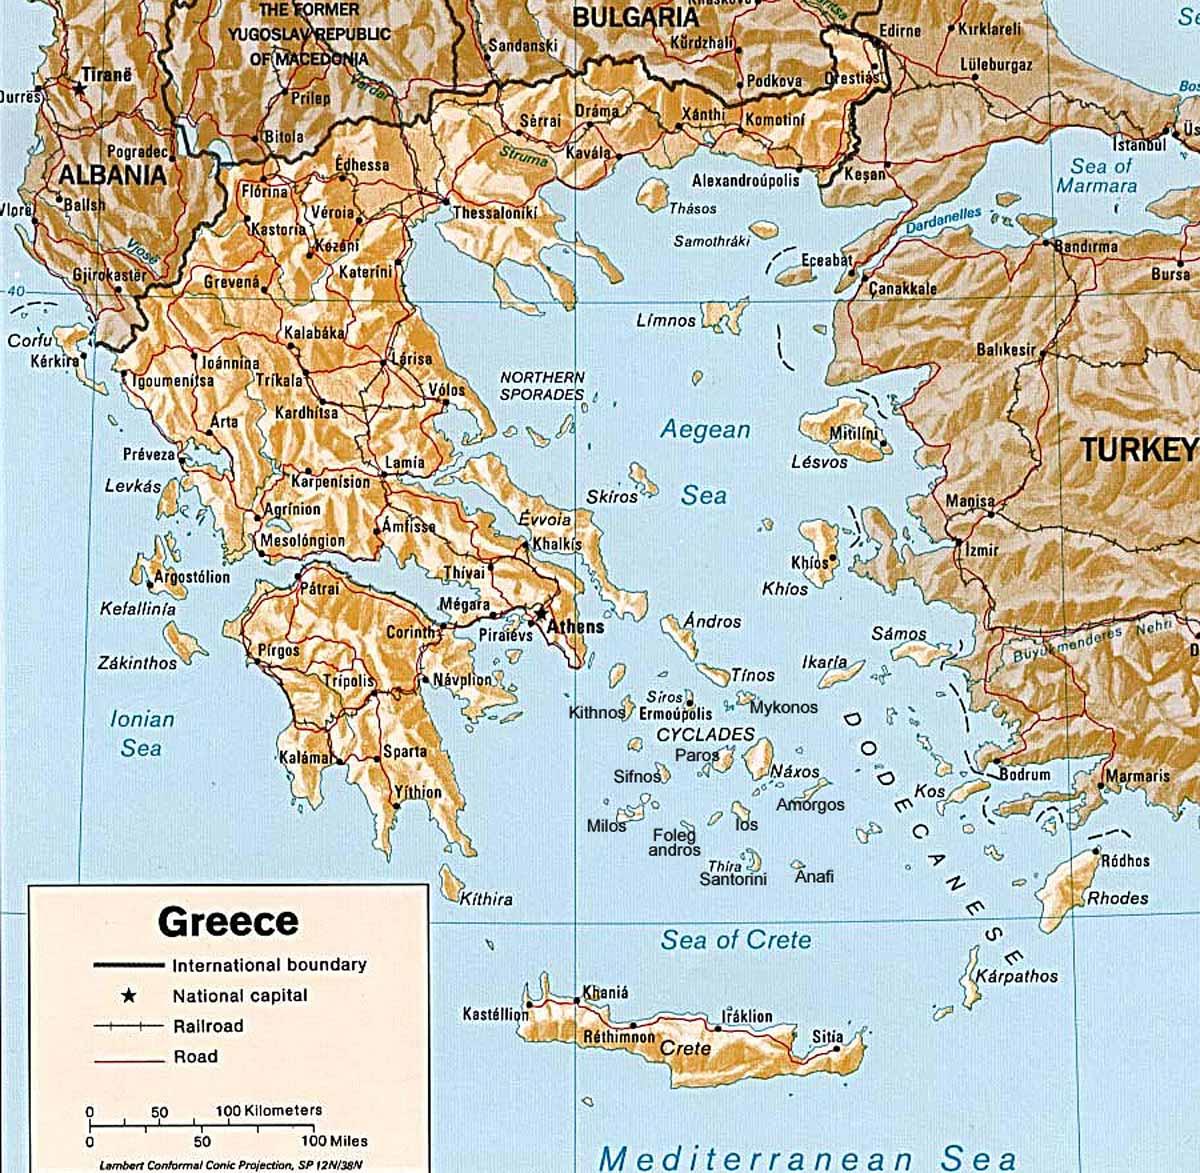 Η Ευρώπη βγαίνει από τον αποπληθωρισμό, η Ελλάδα πρωταγωνιστεί